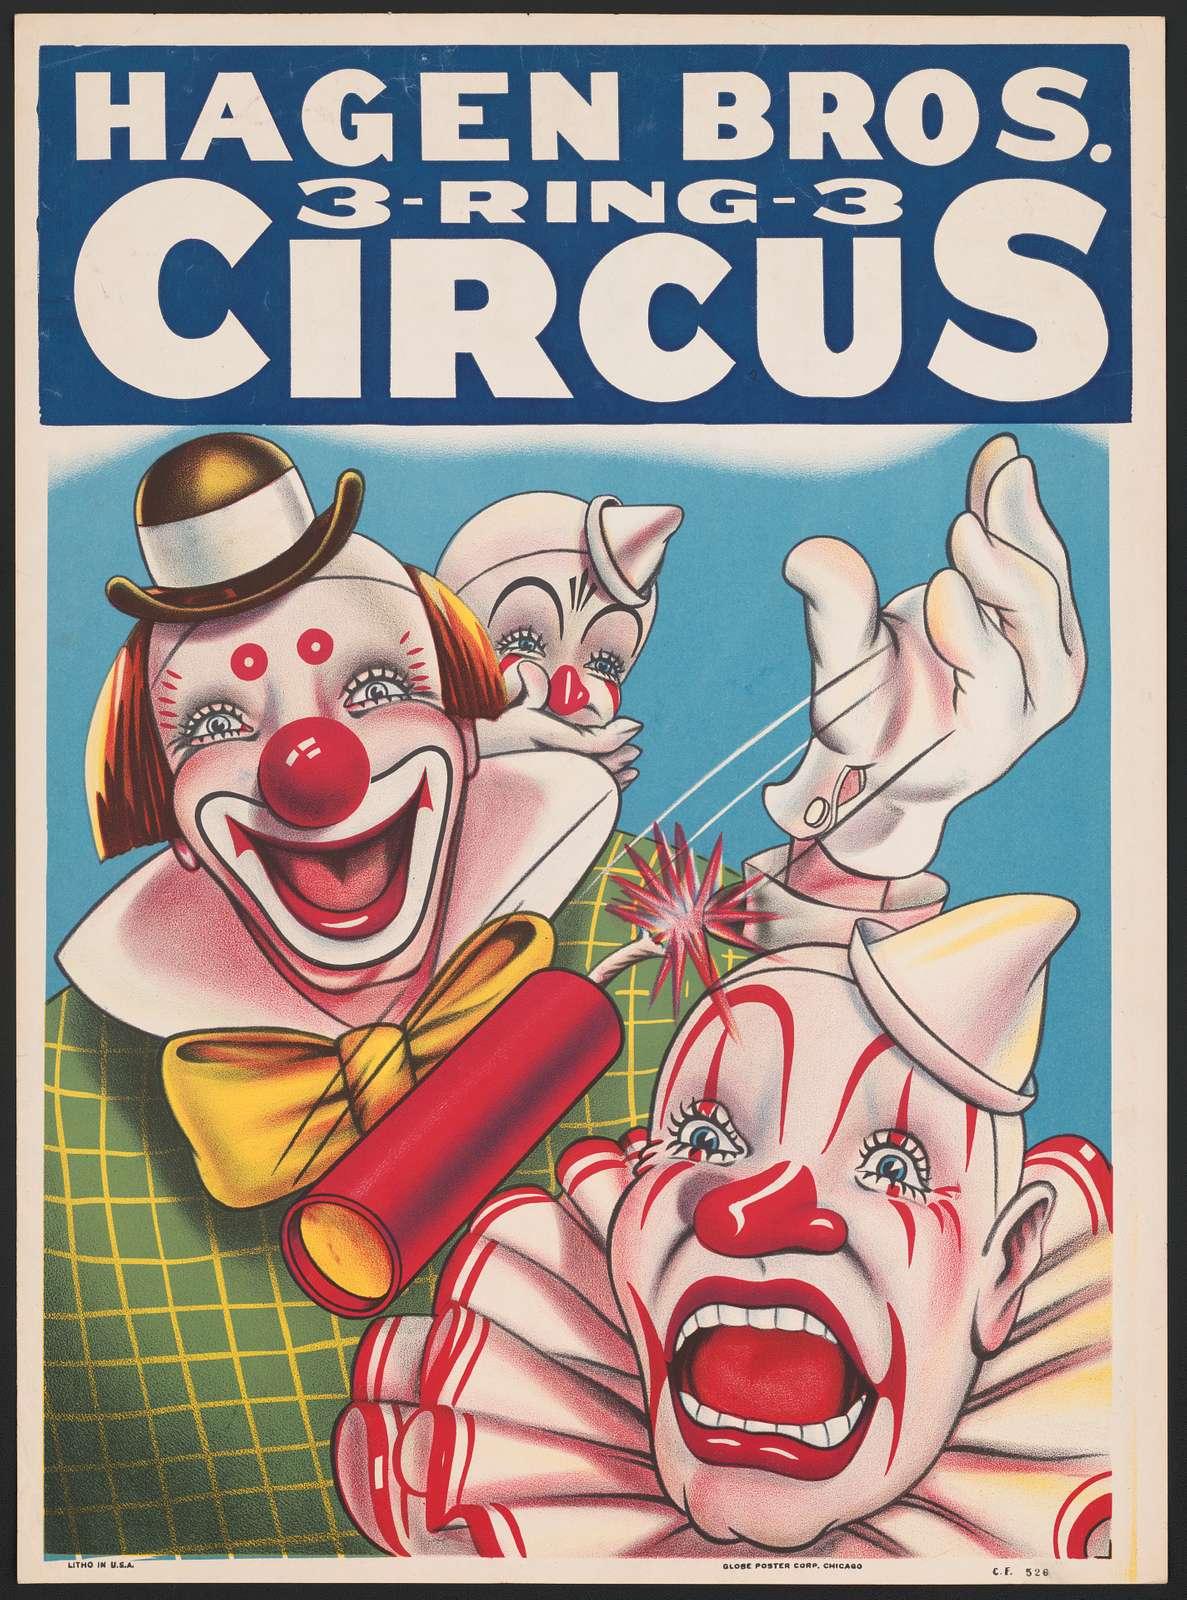 Hagen Bros. 3-ring-3 circus graphic